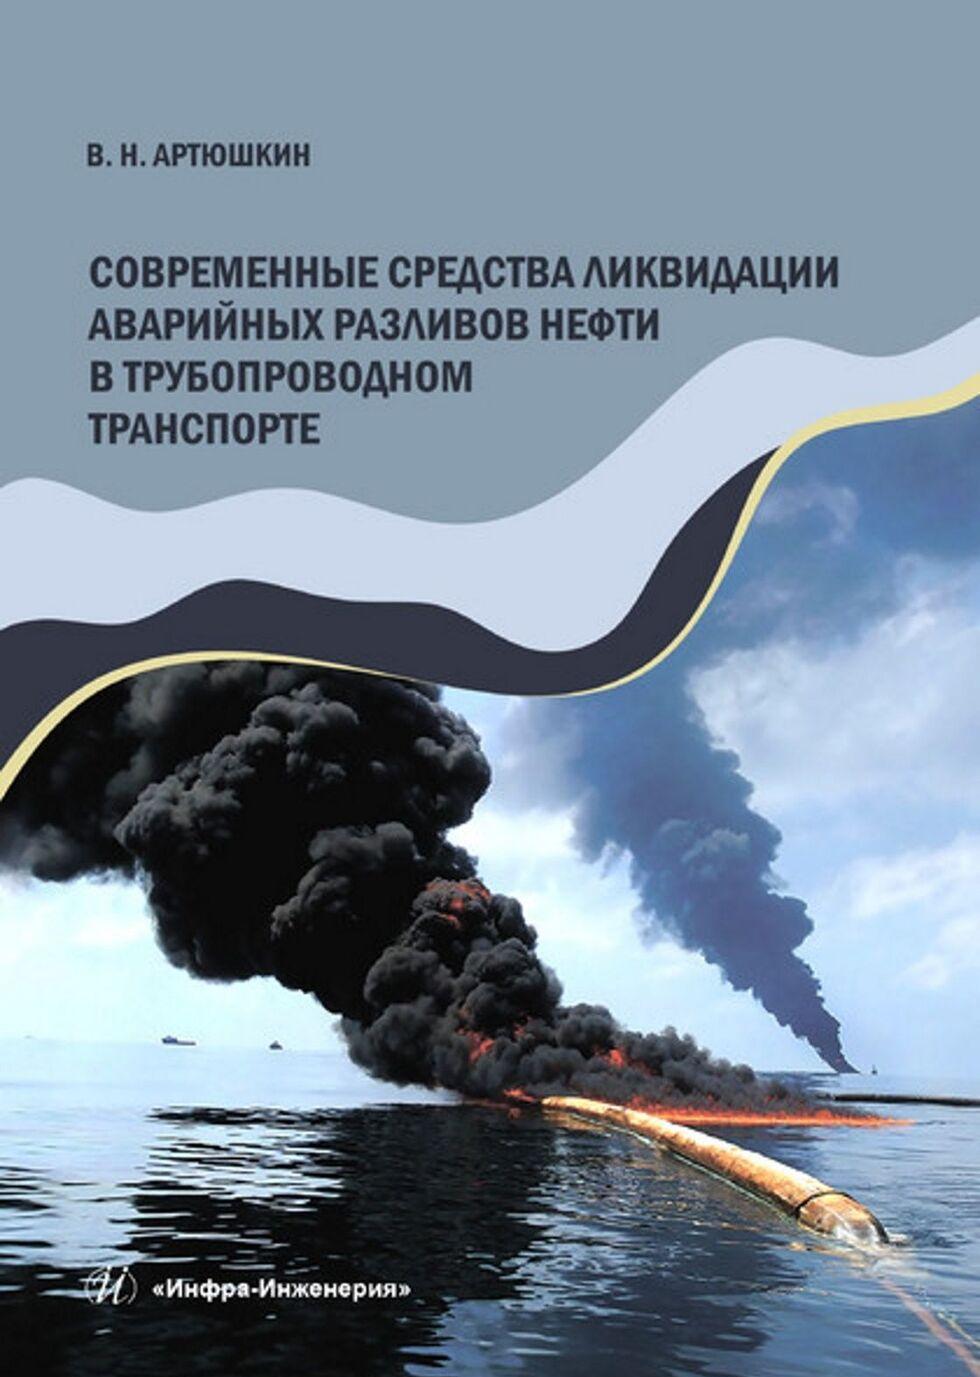 Sovremennye sredstva likvidatsii avarijnykh razlivov nefti v truboprovodnom transporte. Uchebnoe posobie